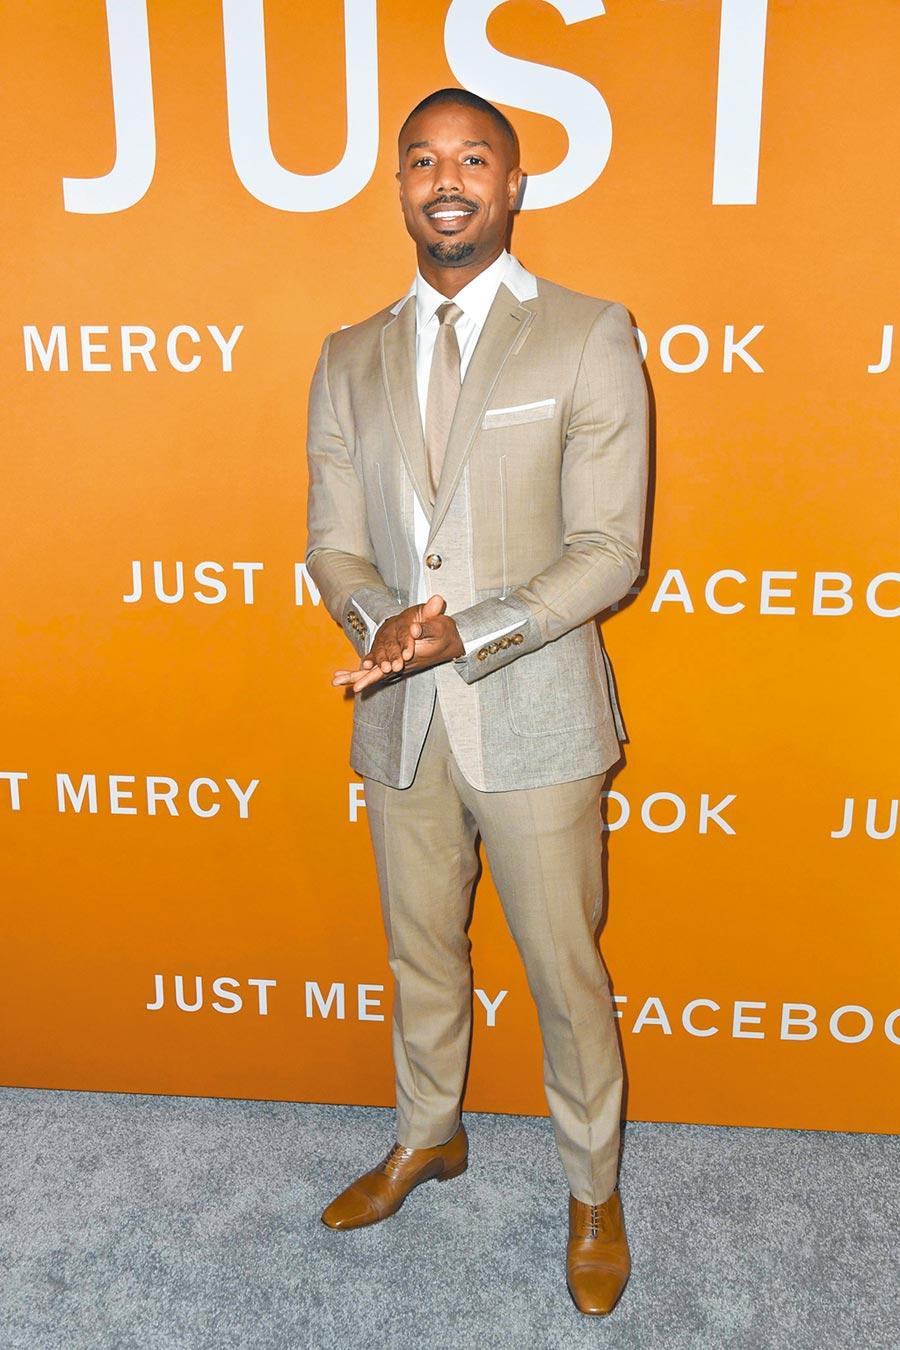 麥可B喬丹出席洛杉磯舉行首映時,選穿Burberry 2020早春西裝。(法新社)